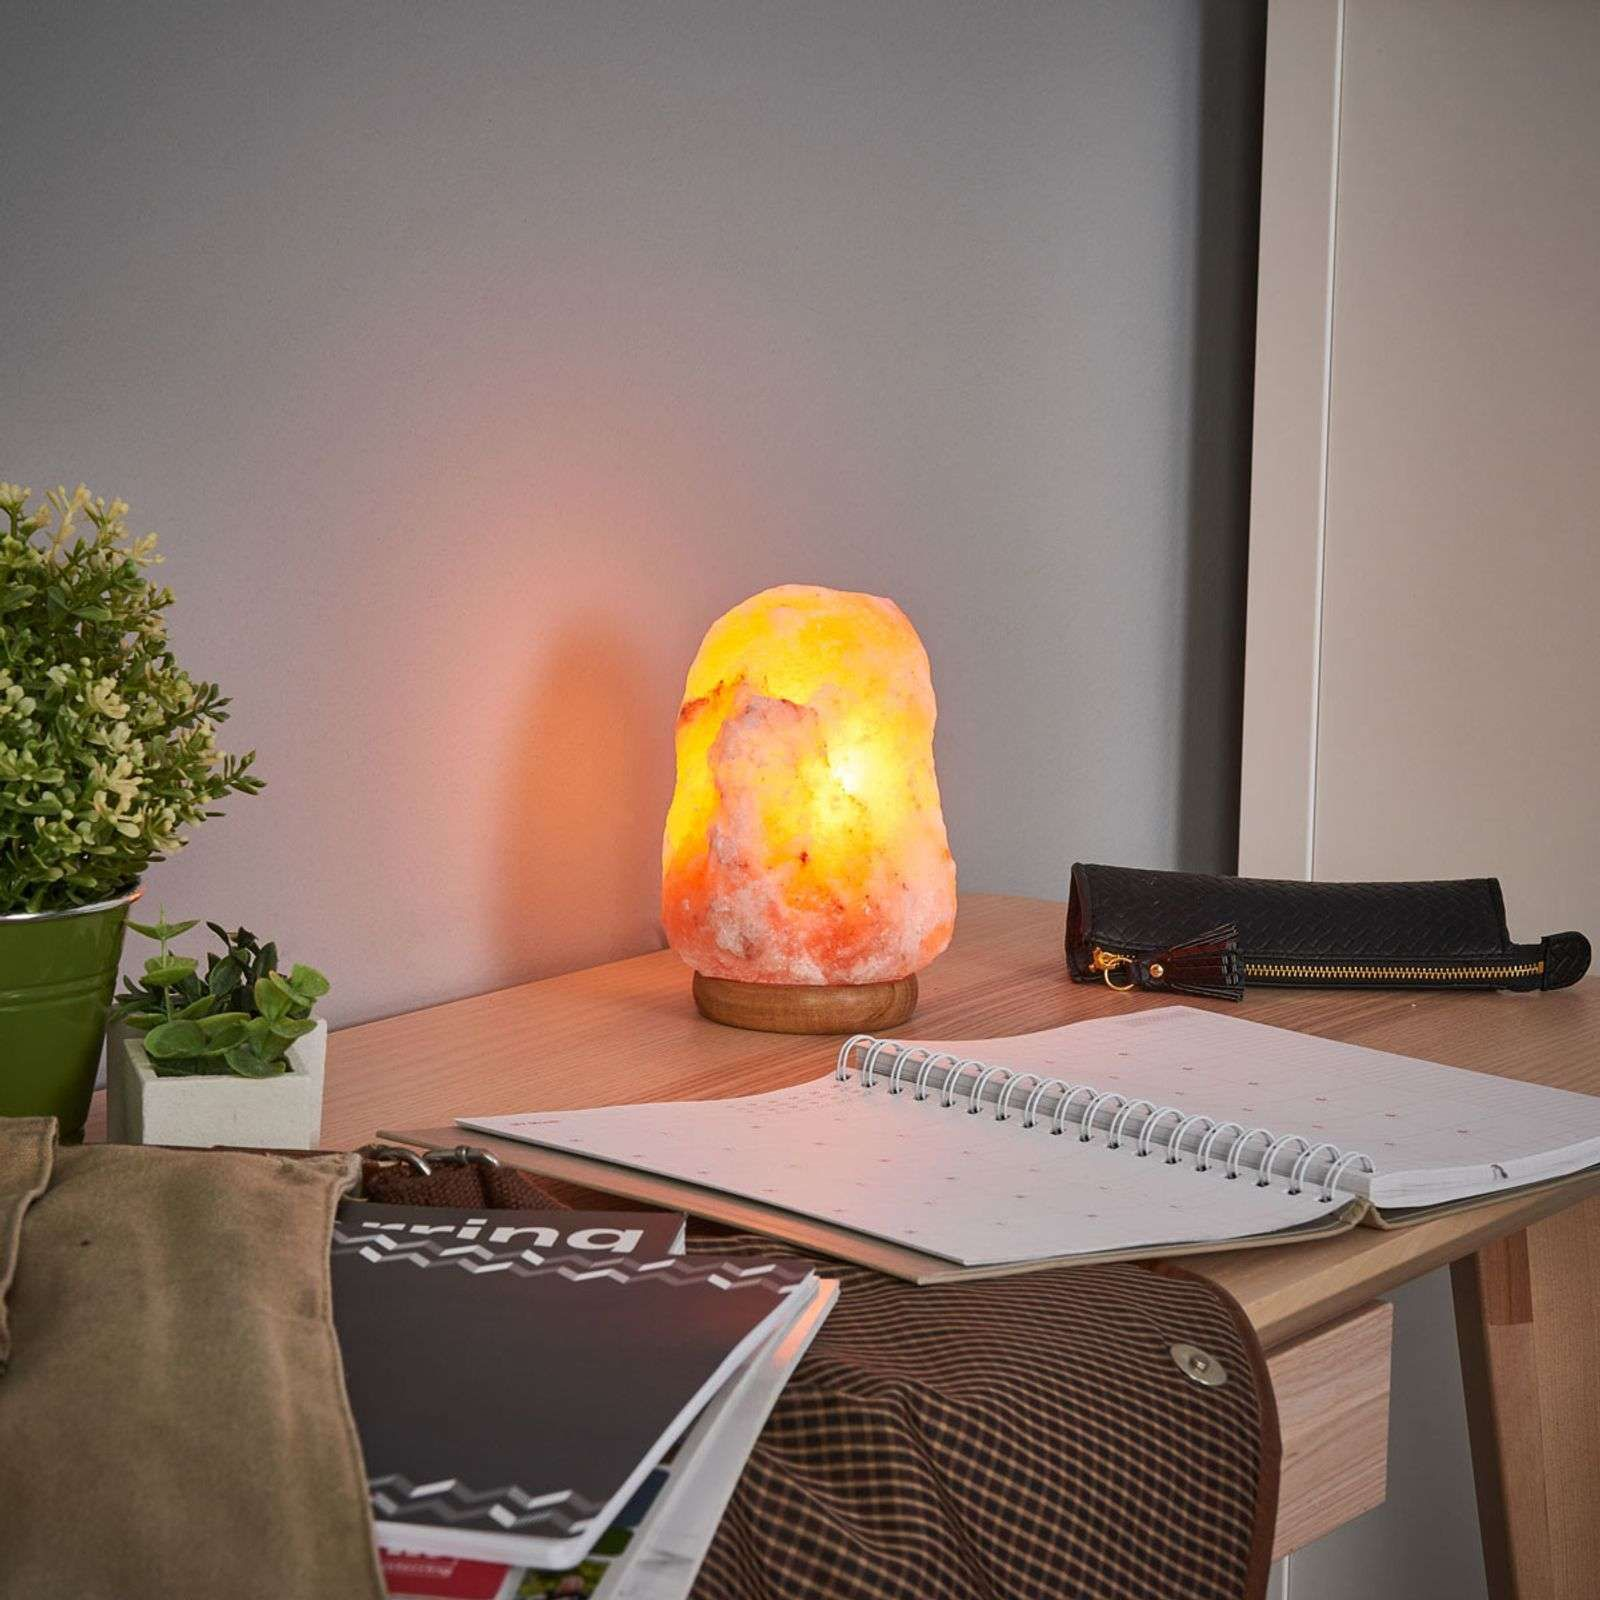 ROCK lampada salina luce rilassante 3 kg